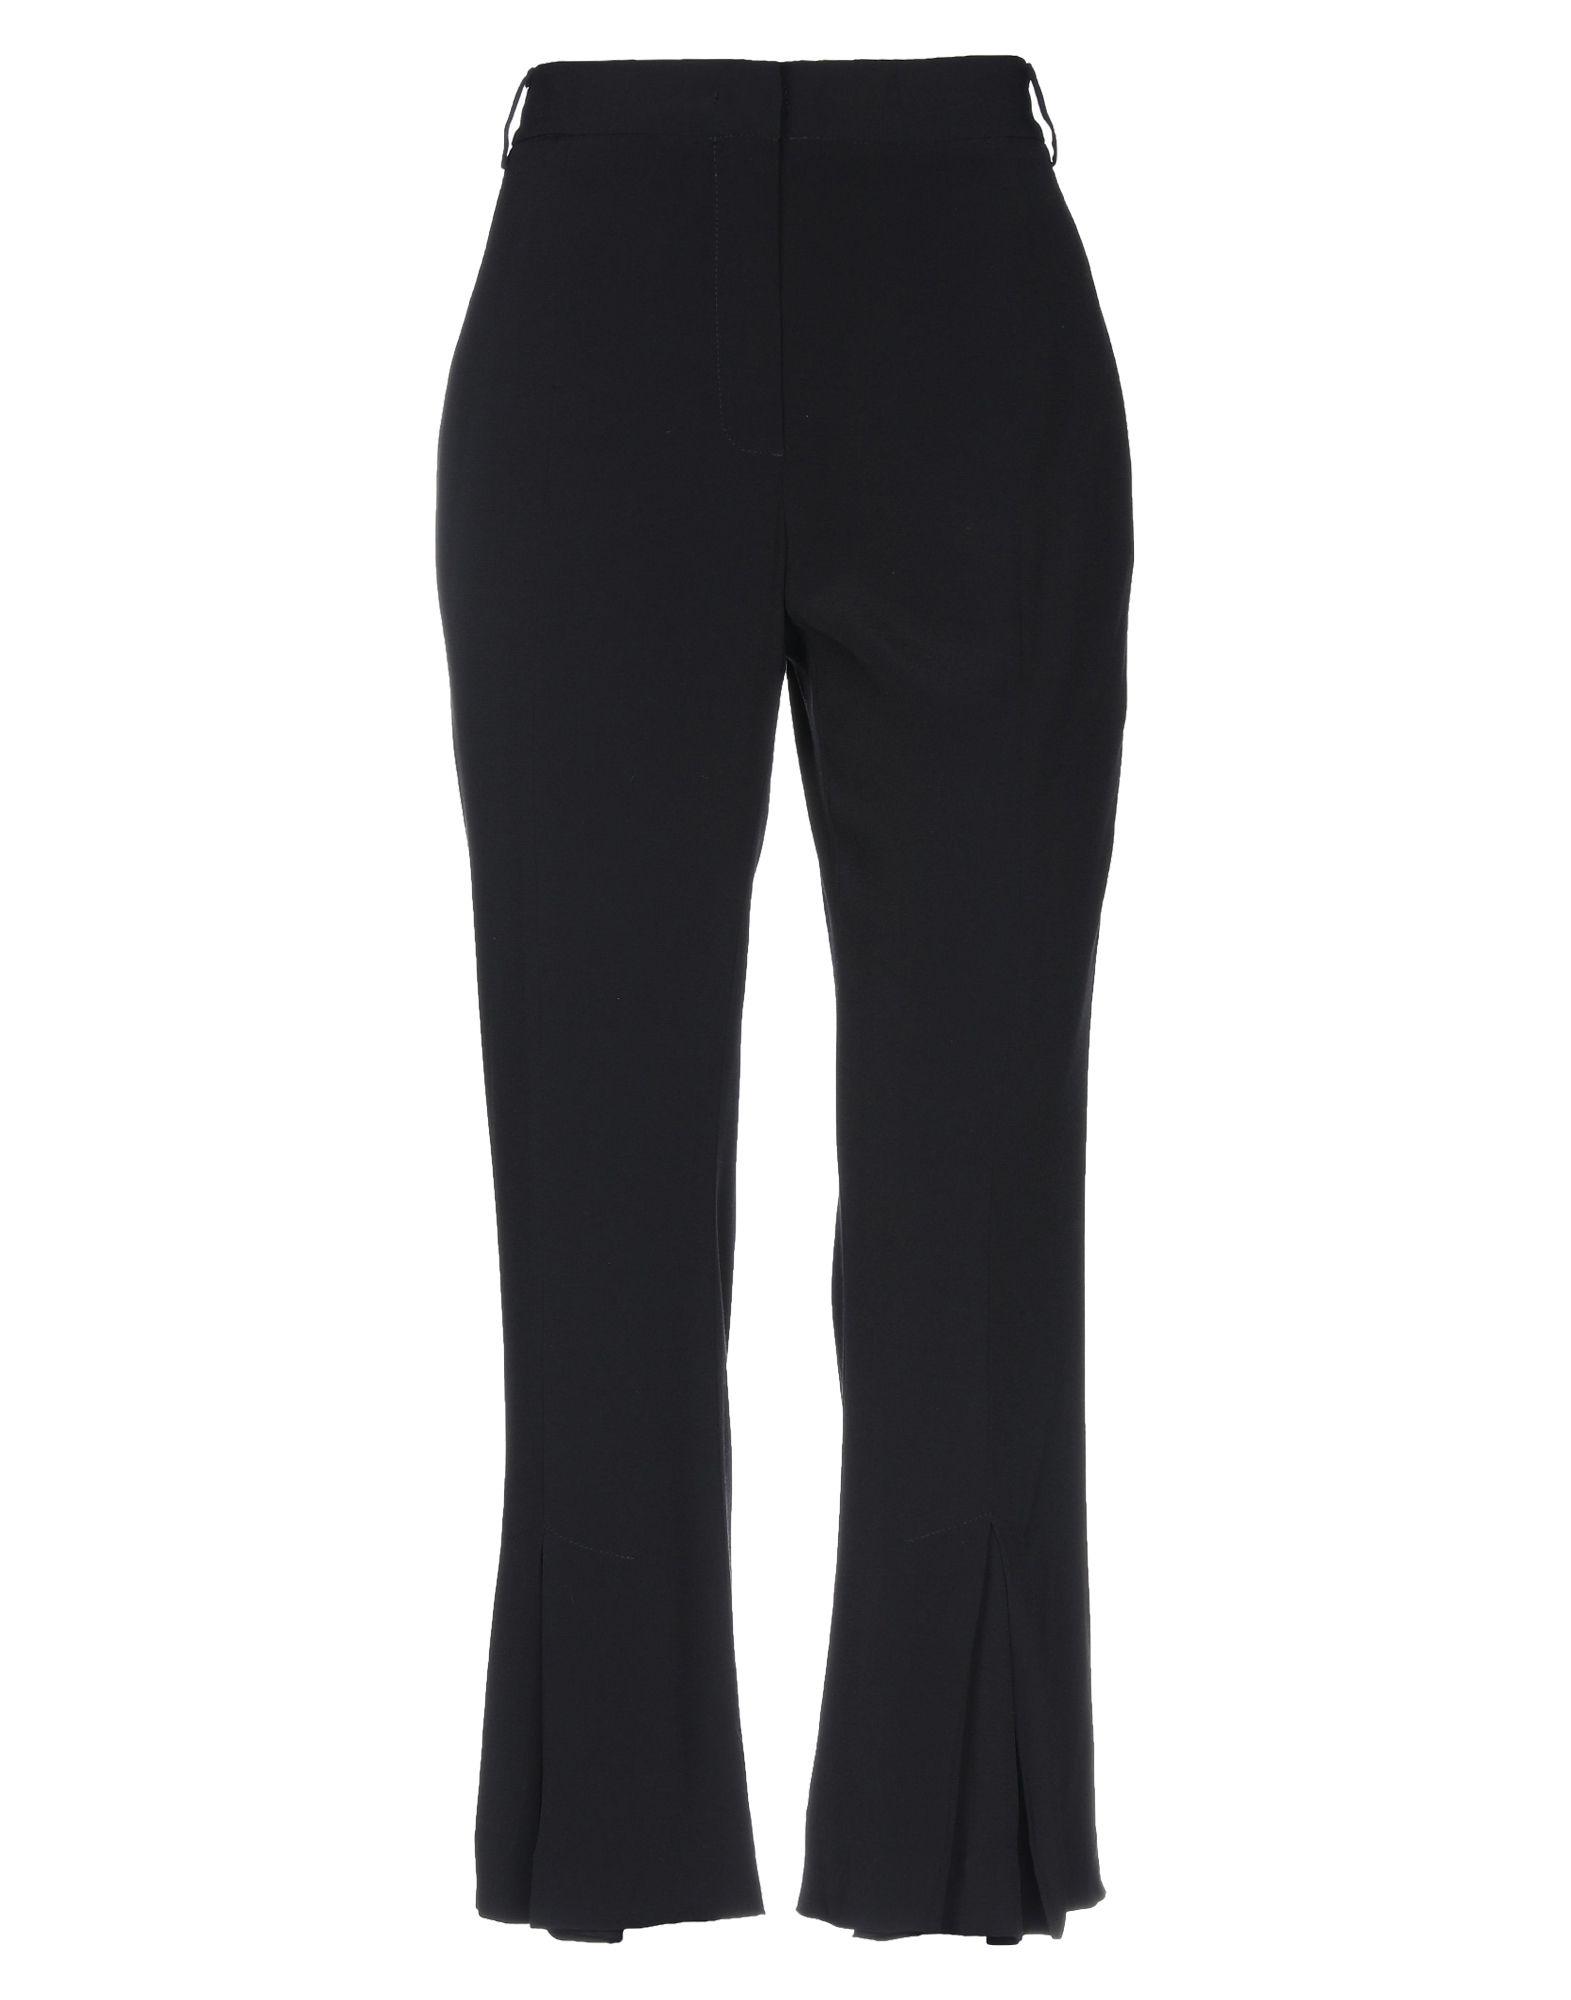 Pantalone Pantalone Jucca donna - 13372805IG  2018 speichern